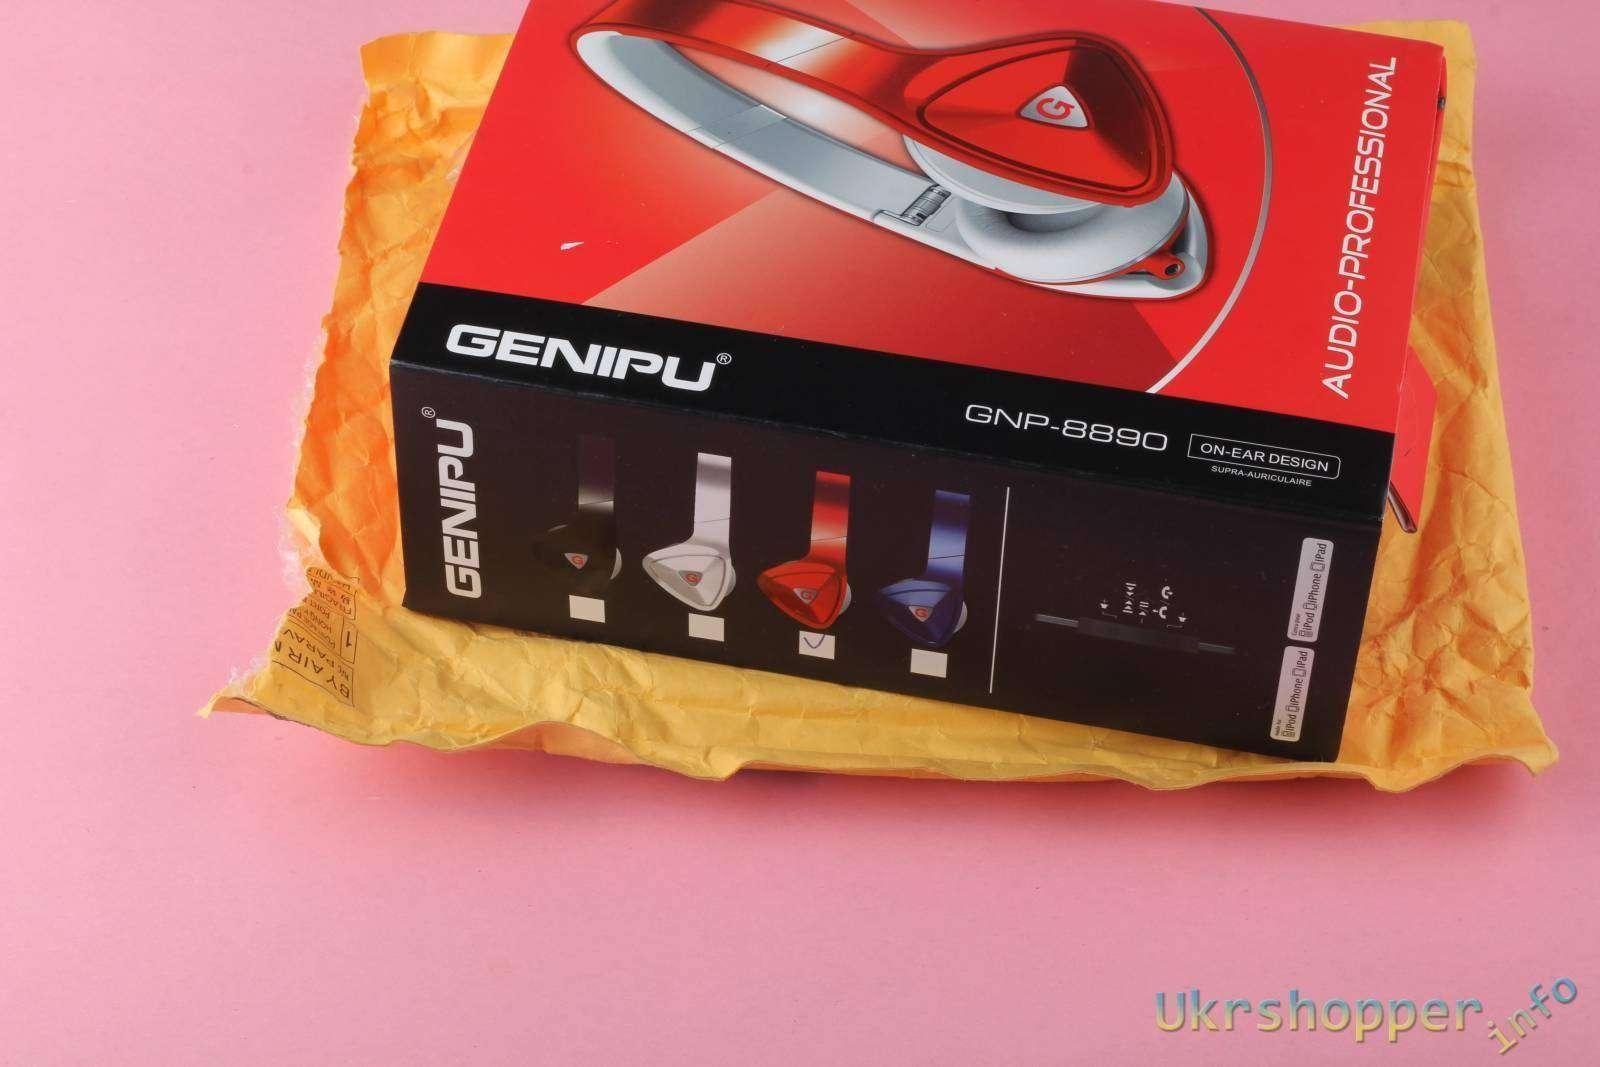 Aliexpress: Обзор гламурных наушников GENIPU с неплохим звуком и стильным дизайном